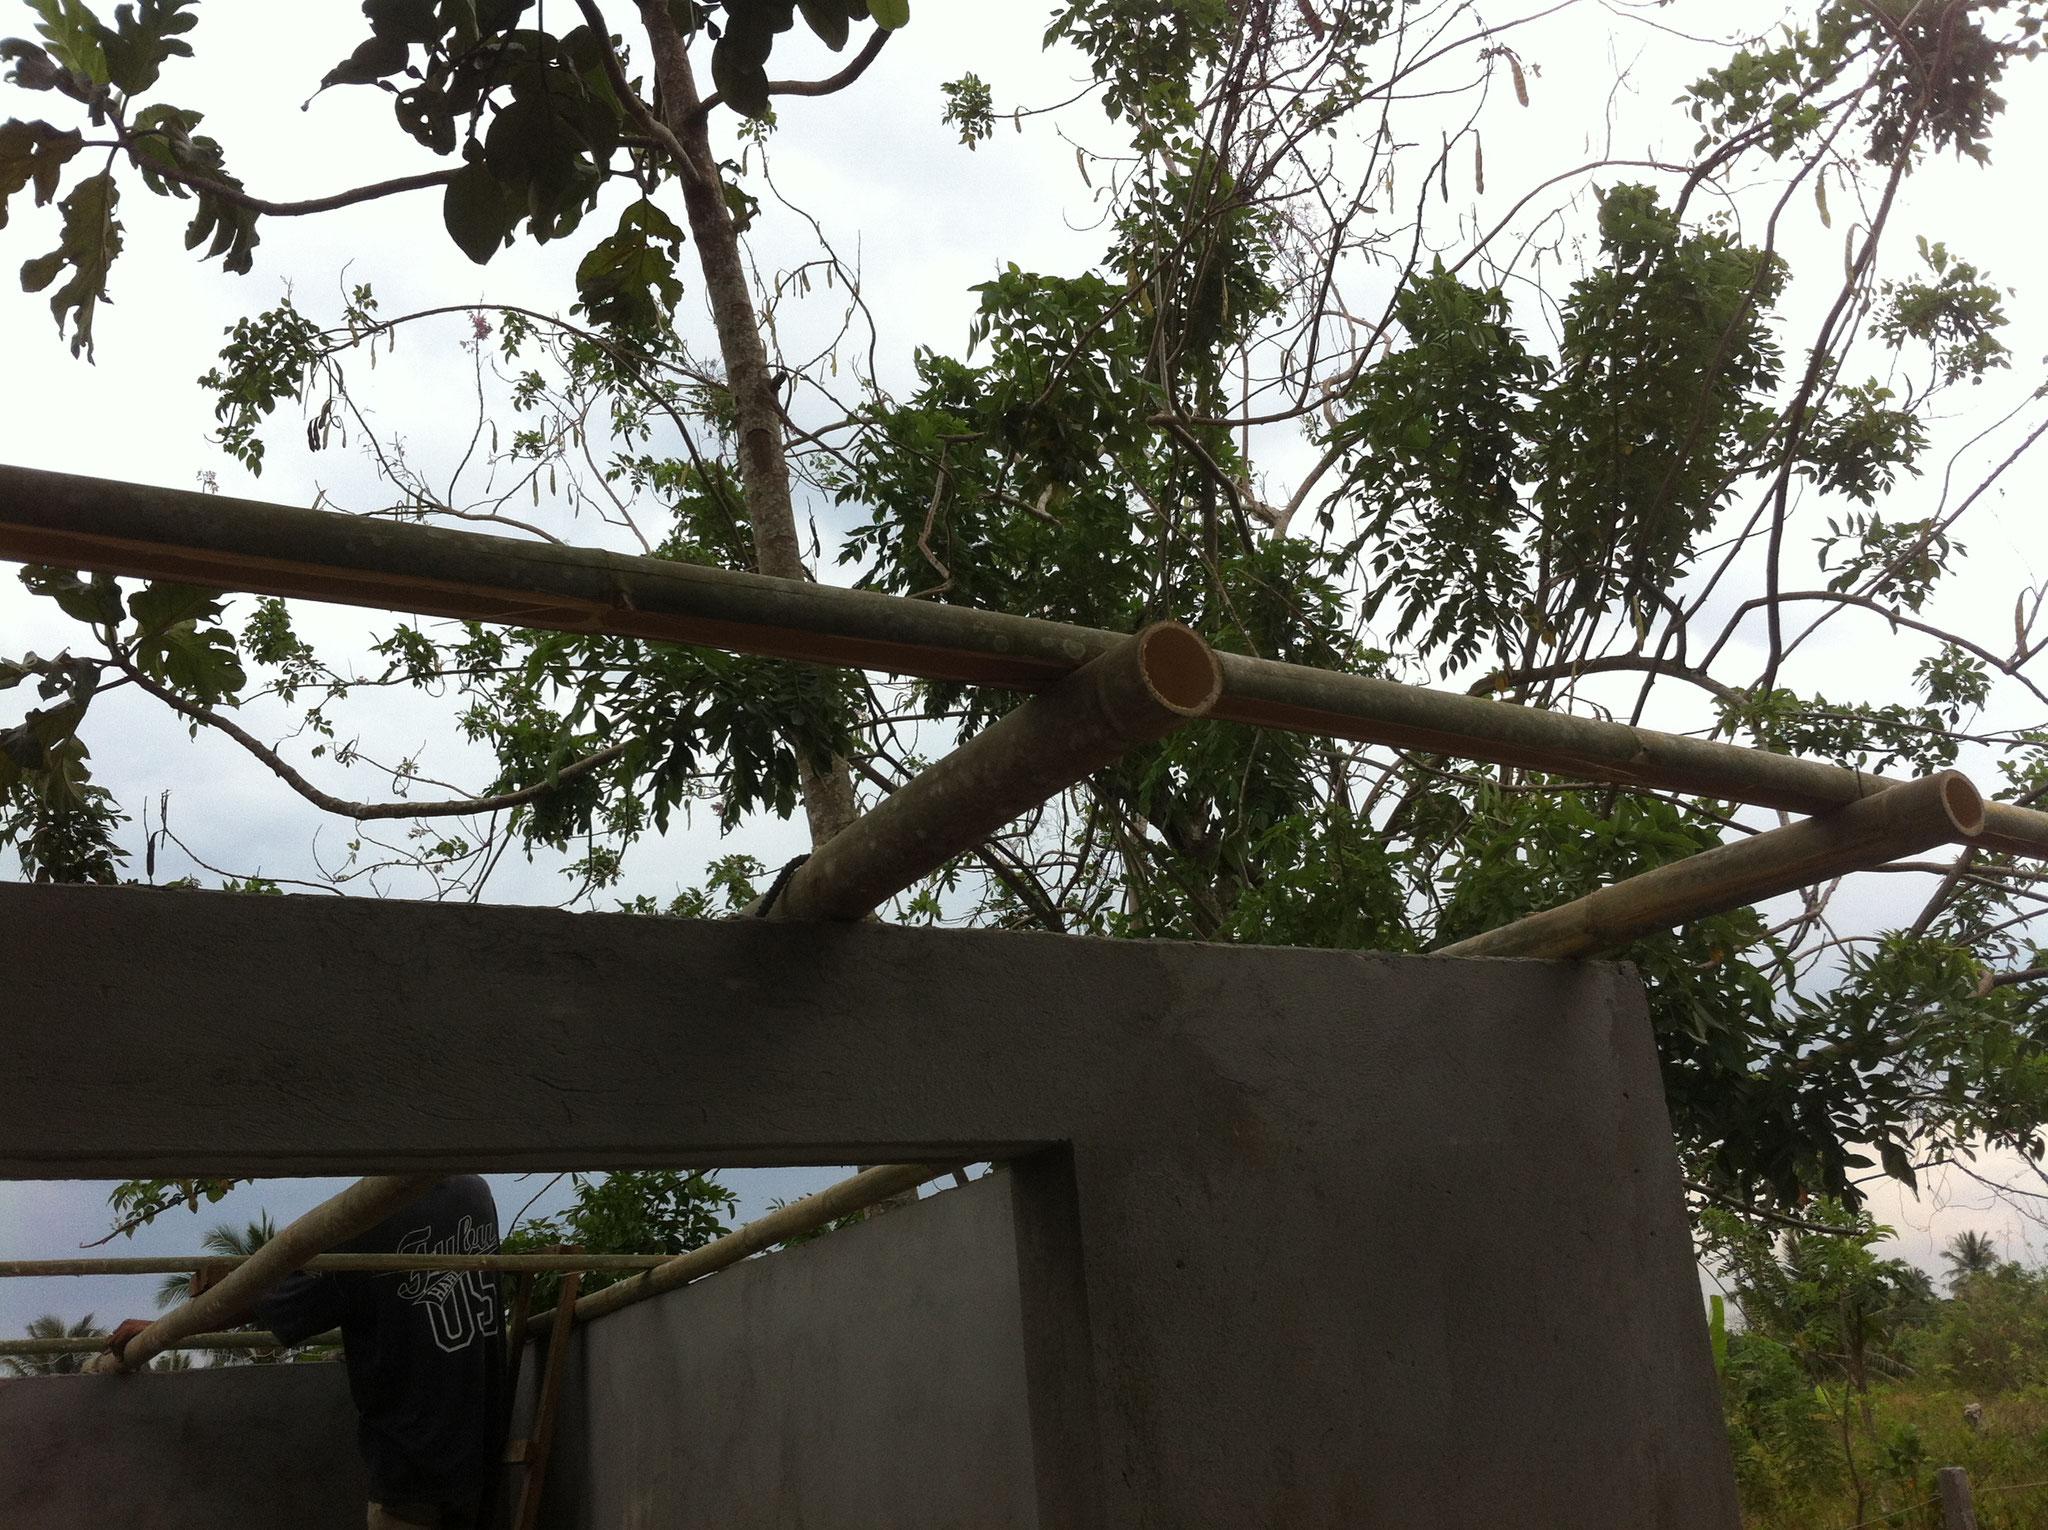 Pultdach mit Bambus